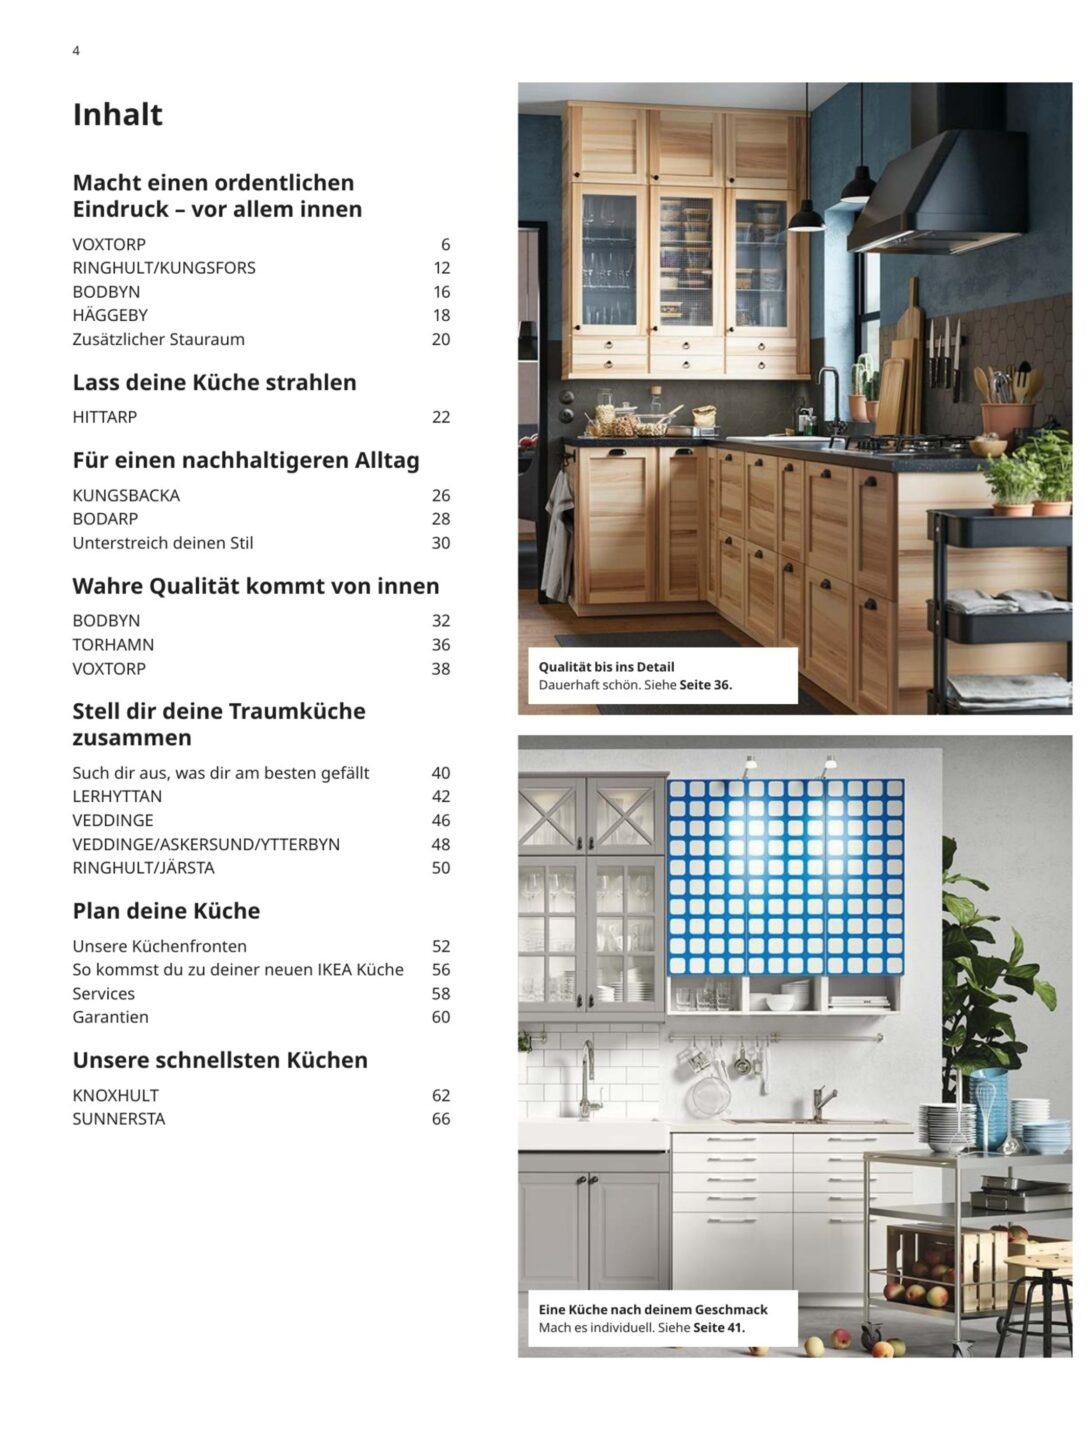 Large Size of Möbelgriffe Küche Doppelblock Vinylboden Modulküche Ikea Deckenleuchten Apothekerschrank Betonoptik Grifflose Jalousieschrank Ohne Elektrogeräte Wohnzimmer Voxtorp Küche Ikea